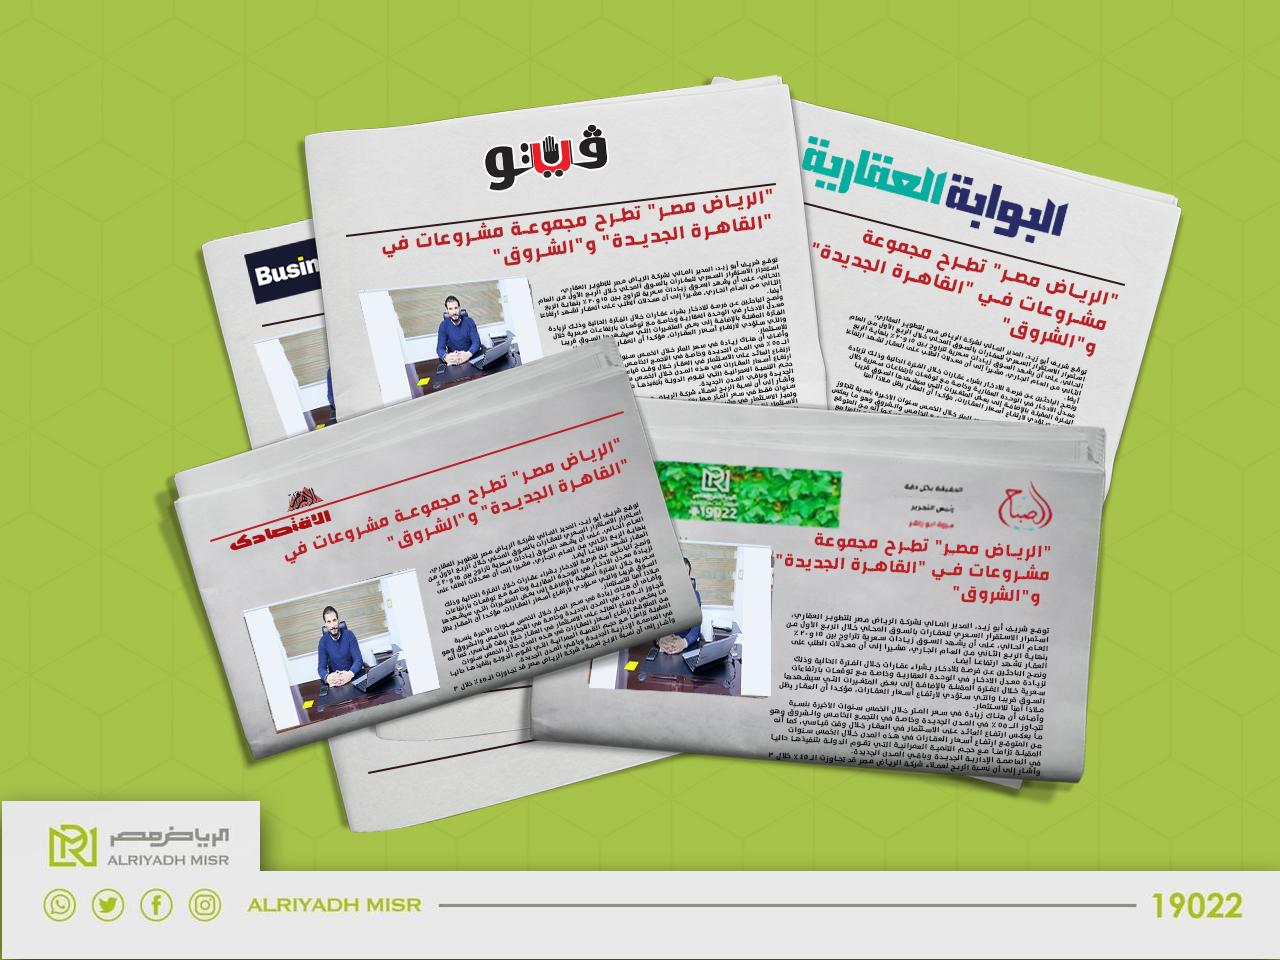 الرياض-مصر-تطرح-مجموعة-مشروعات-في-مدينة-الشروق-والقاهرة-الجديدة-الرياض-مصر-للتطوير-العقاري